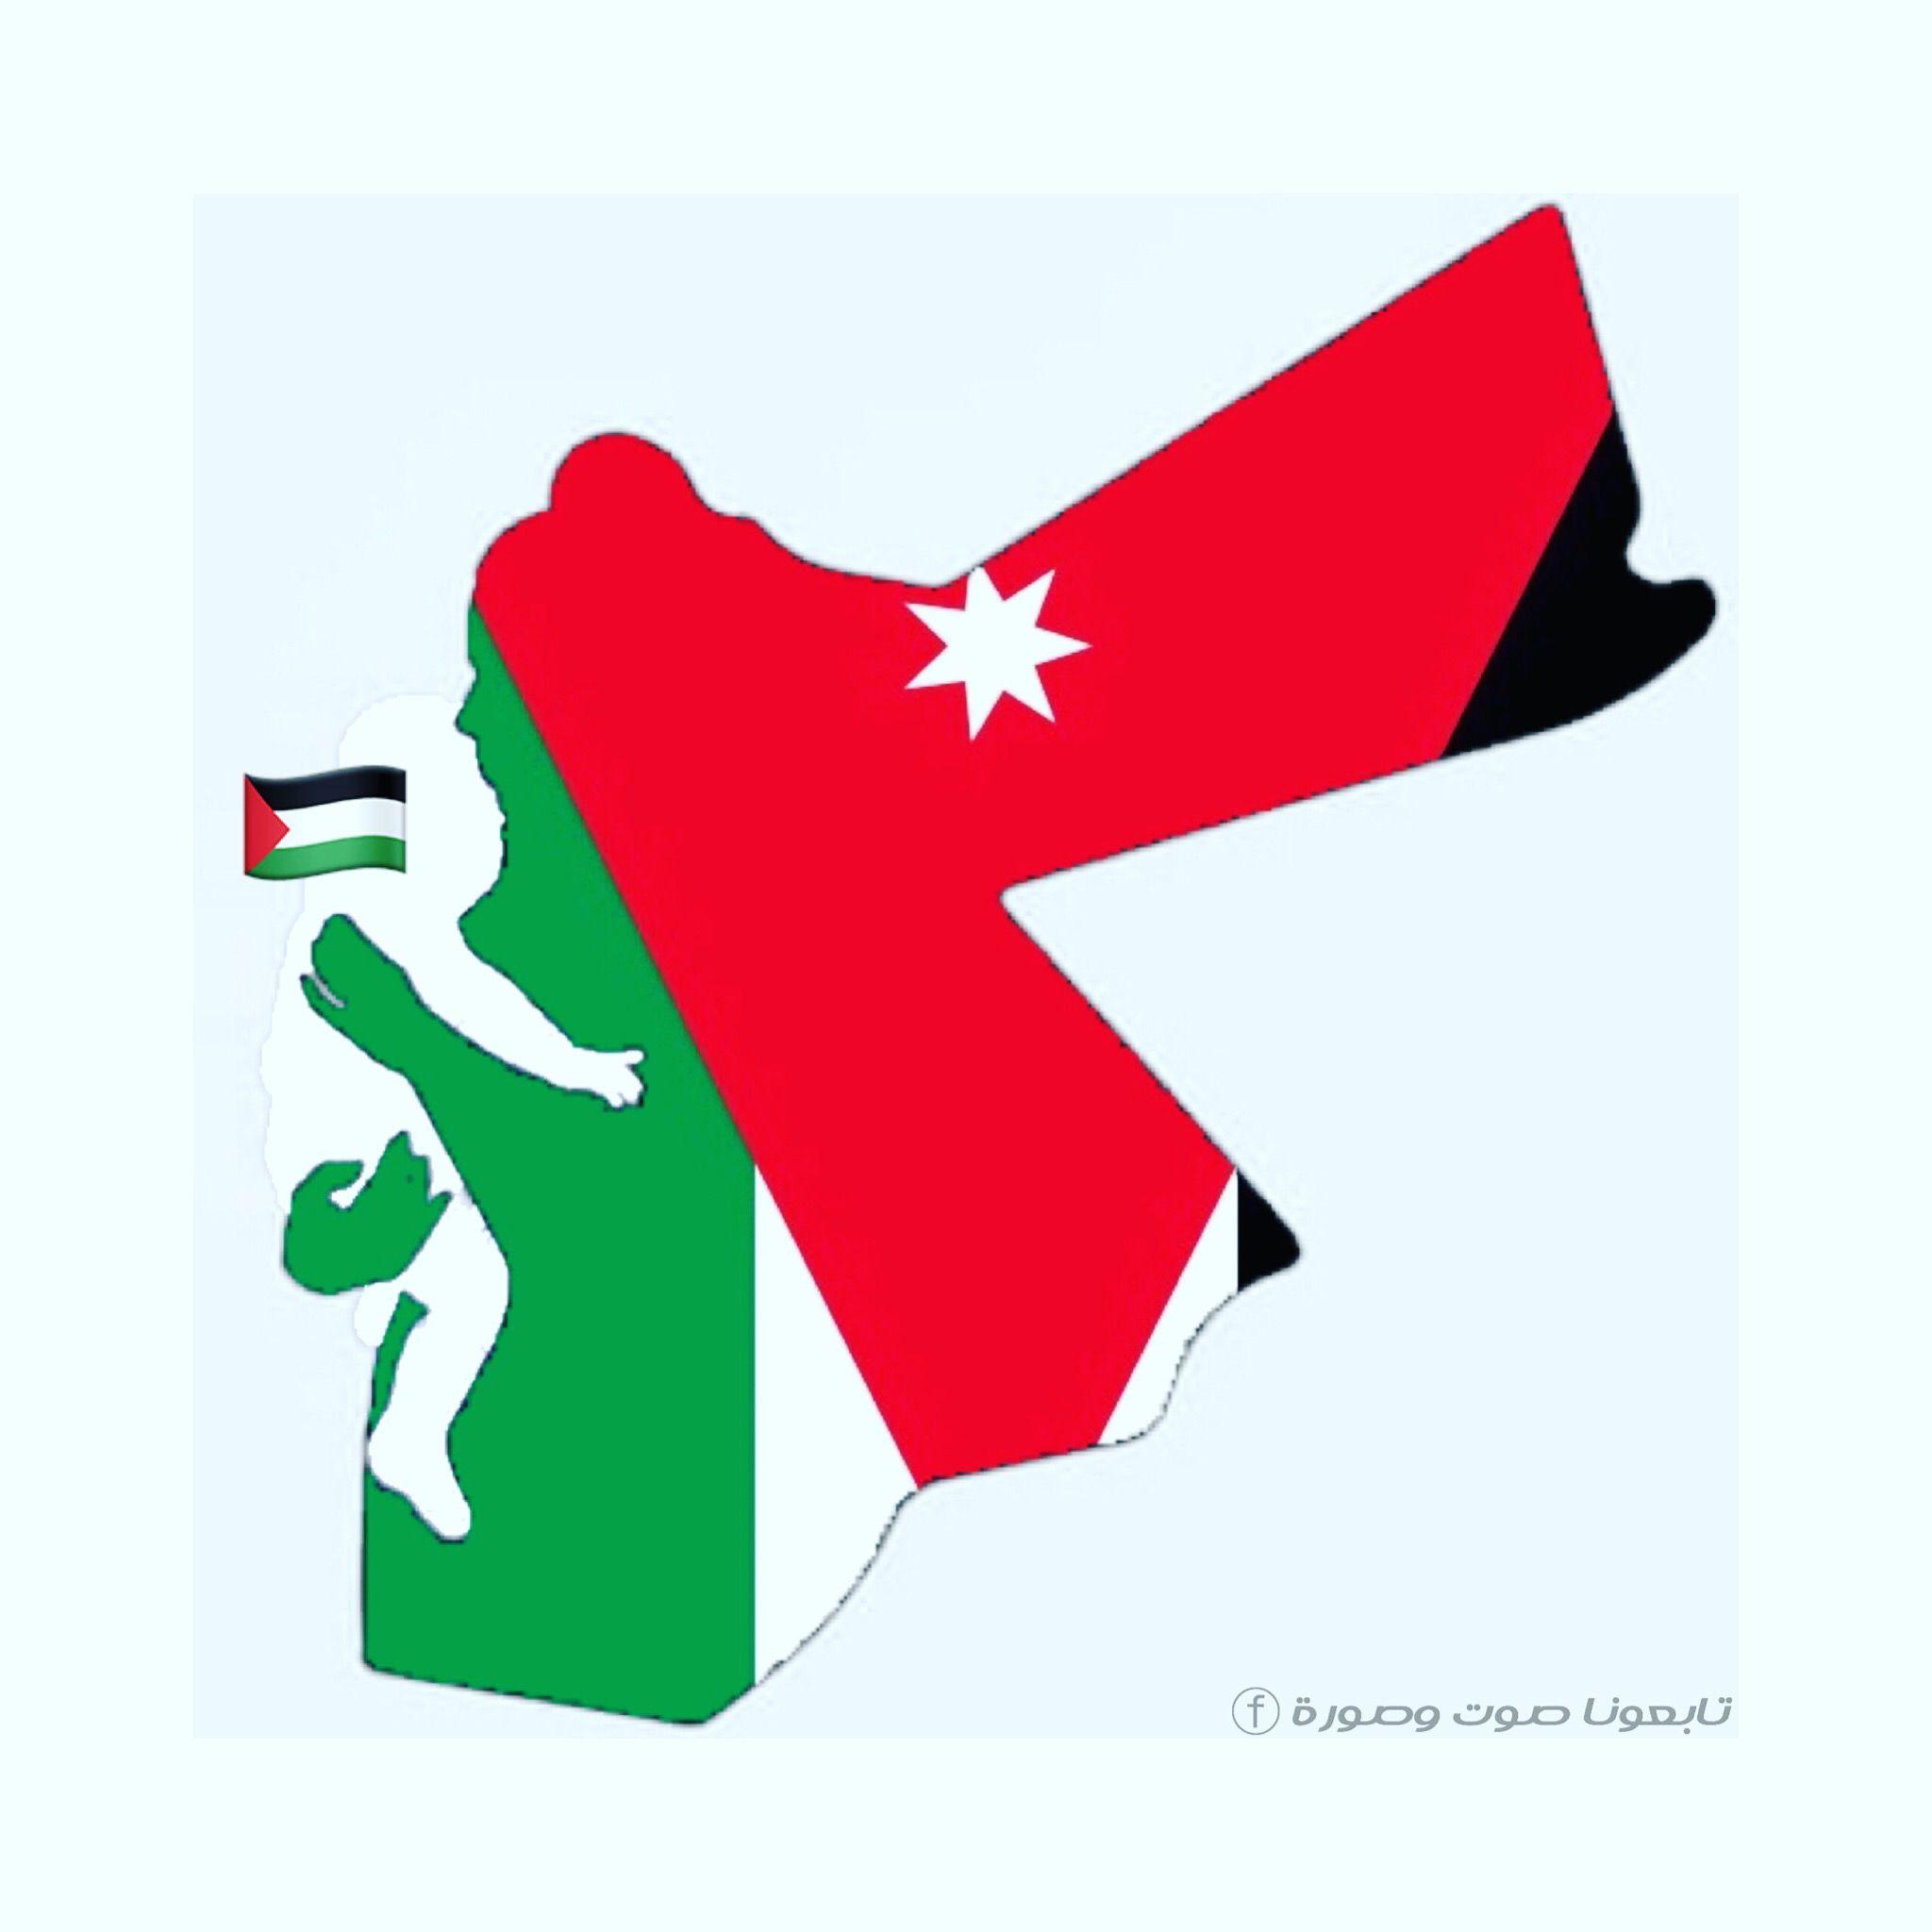 فلسطين الأردن الوطن العربي يدا واحدة عائلة نسب قرابة عروبة الخليج الجسر الملك الملكة رانيا نسايب علم صور Country Flags Canada Flag Gaming Logos